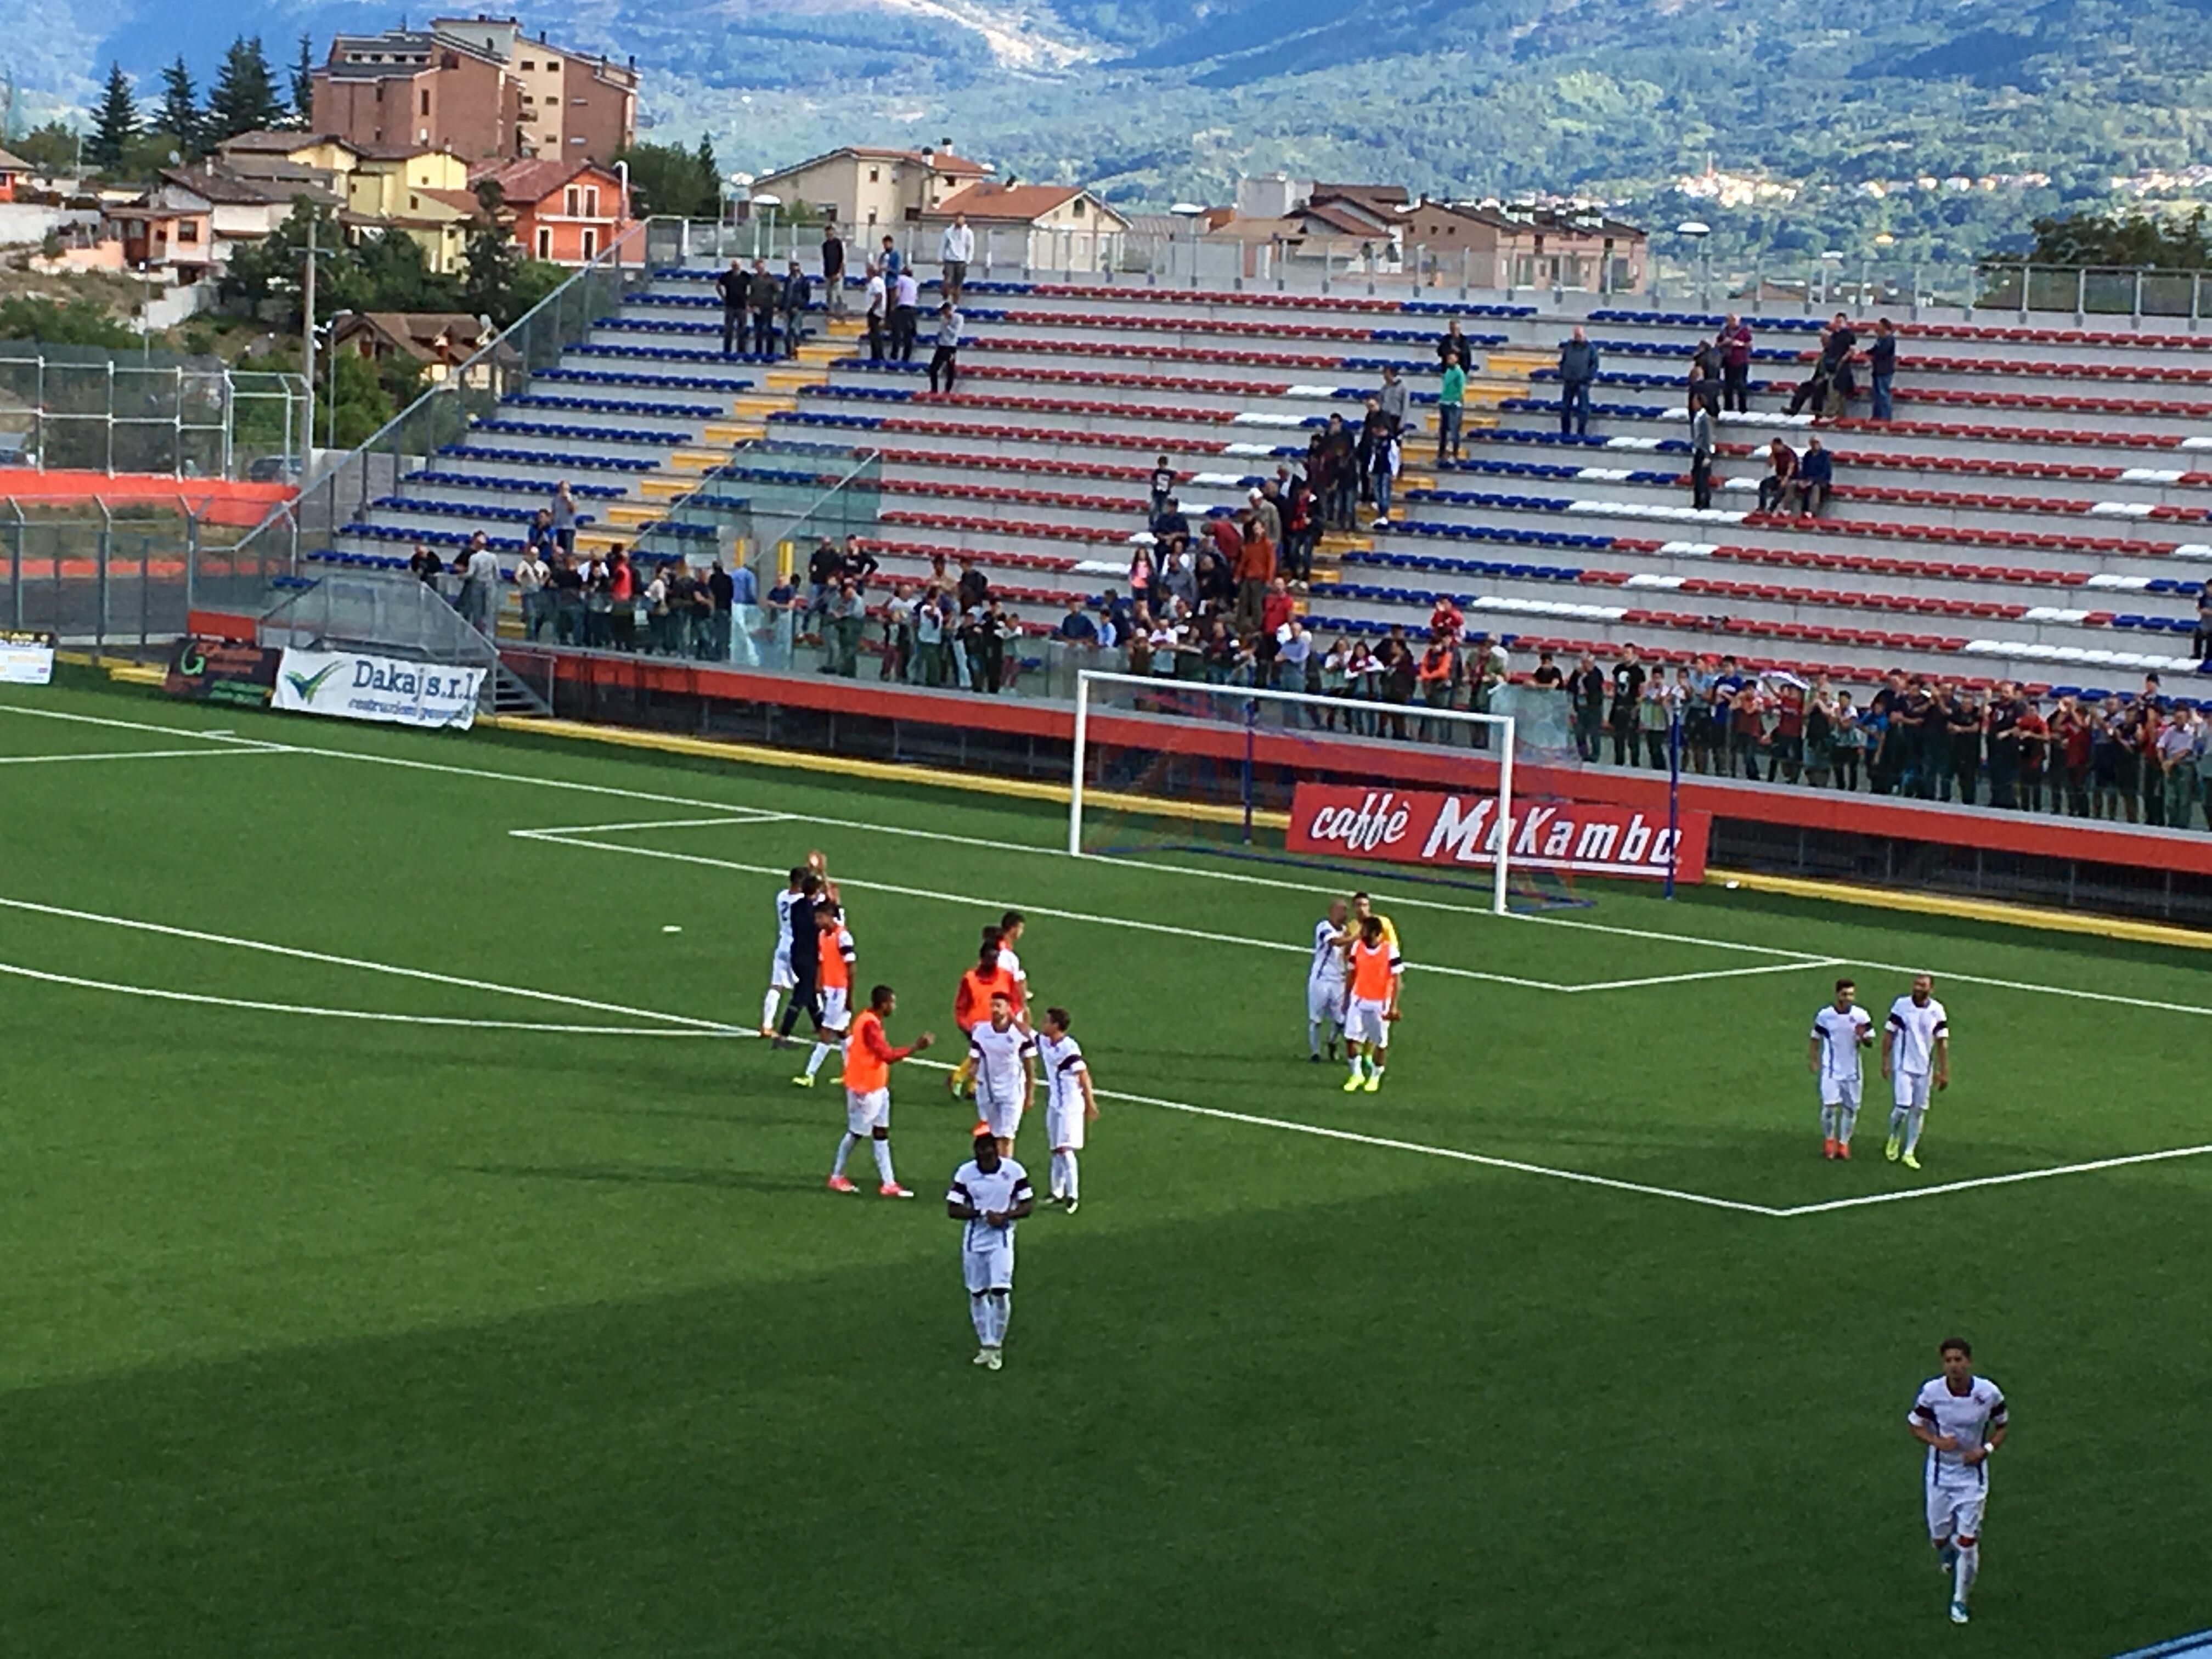 Serie D L'Aquila Nerostellati 3-0